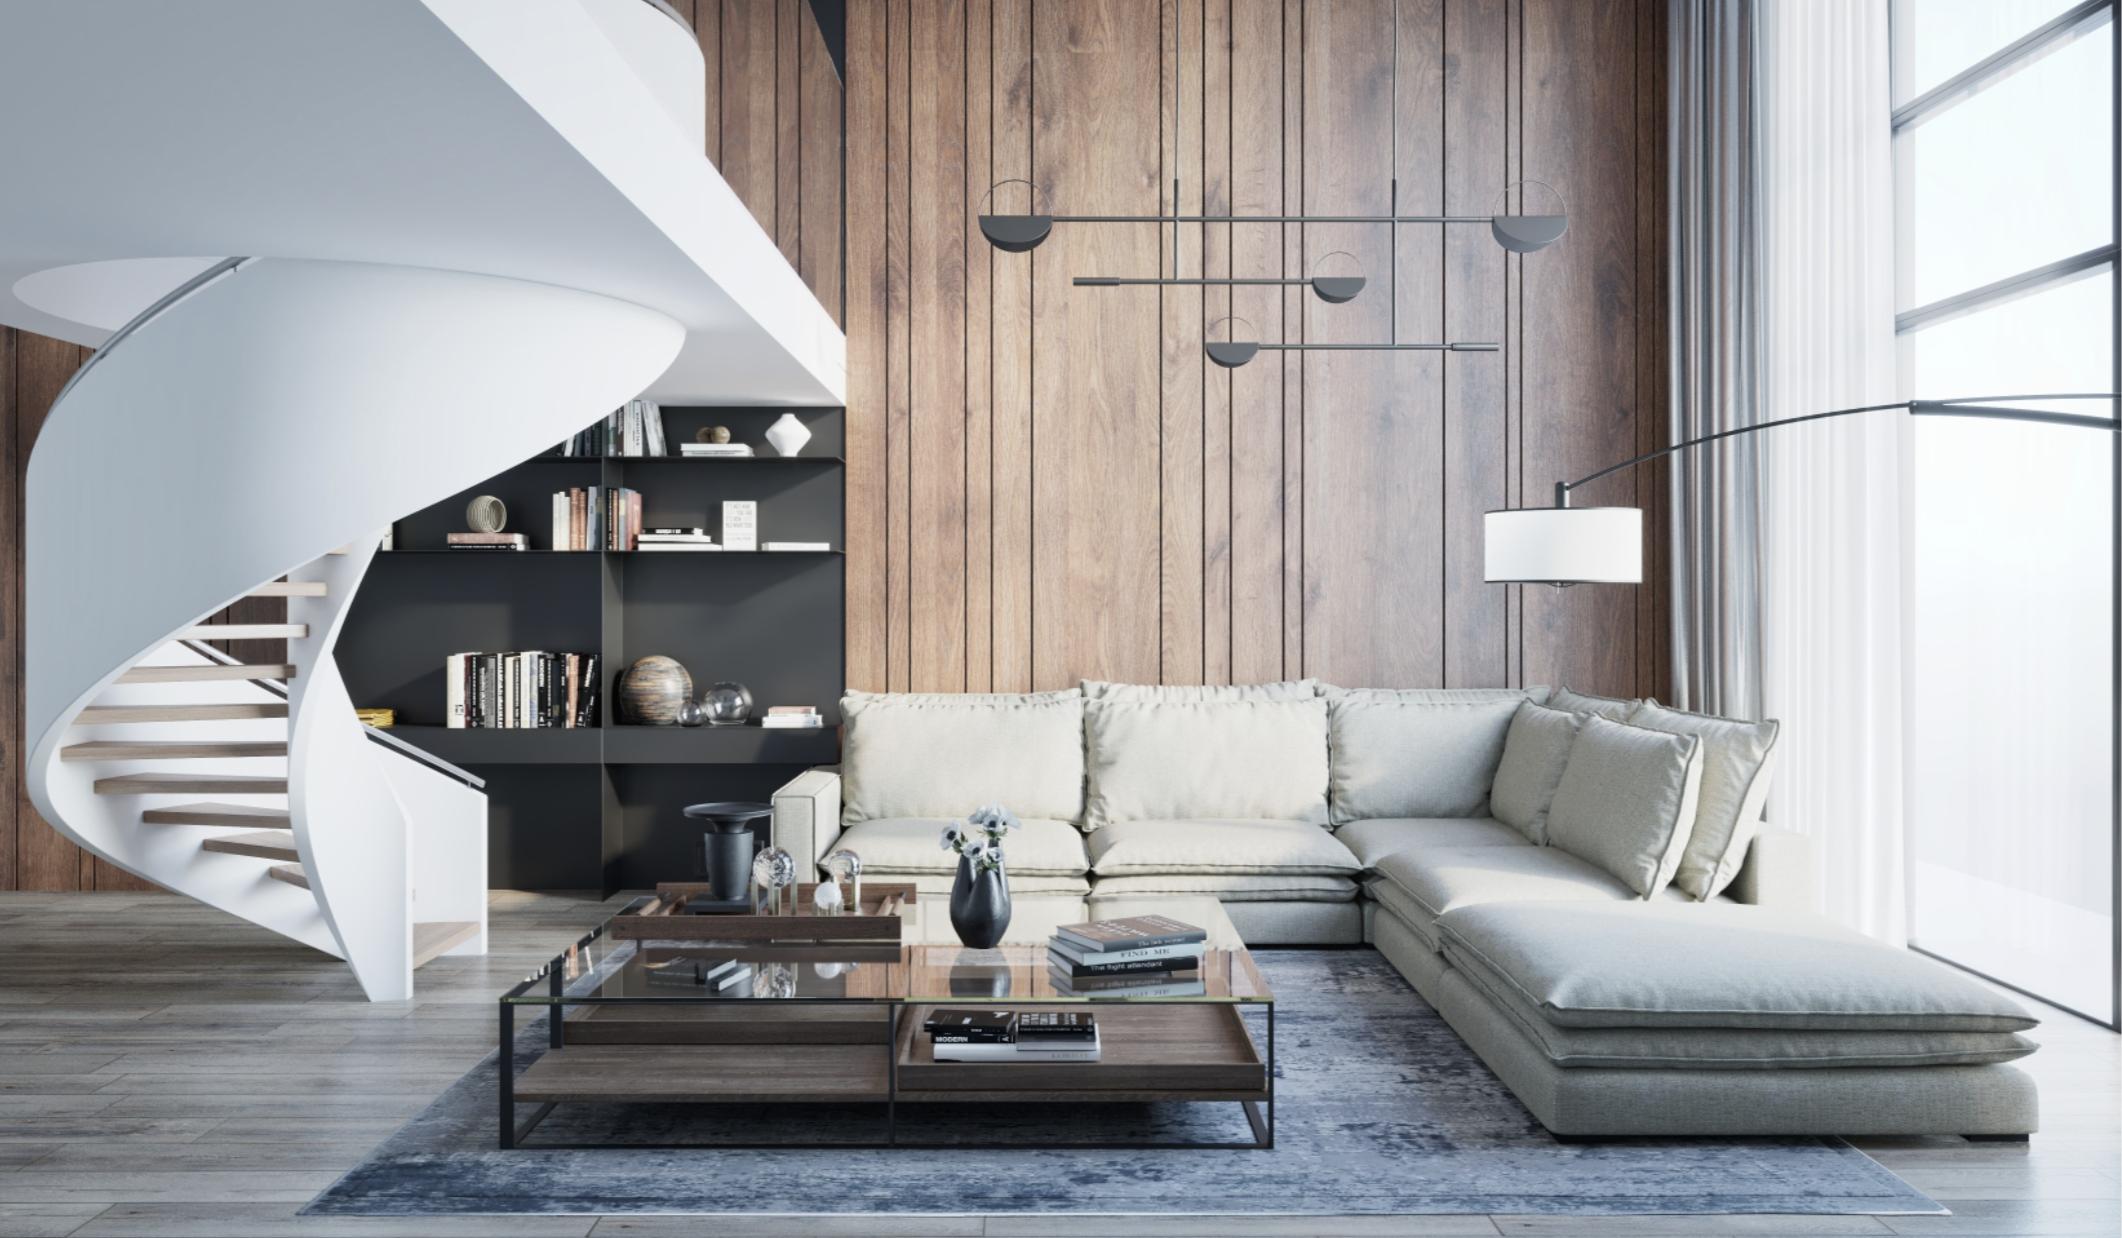 mason modern sofa witth double cushion dubai